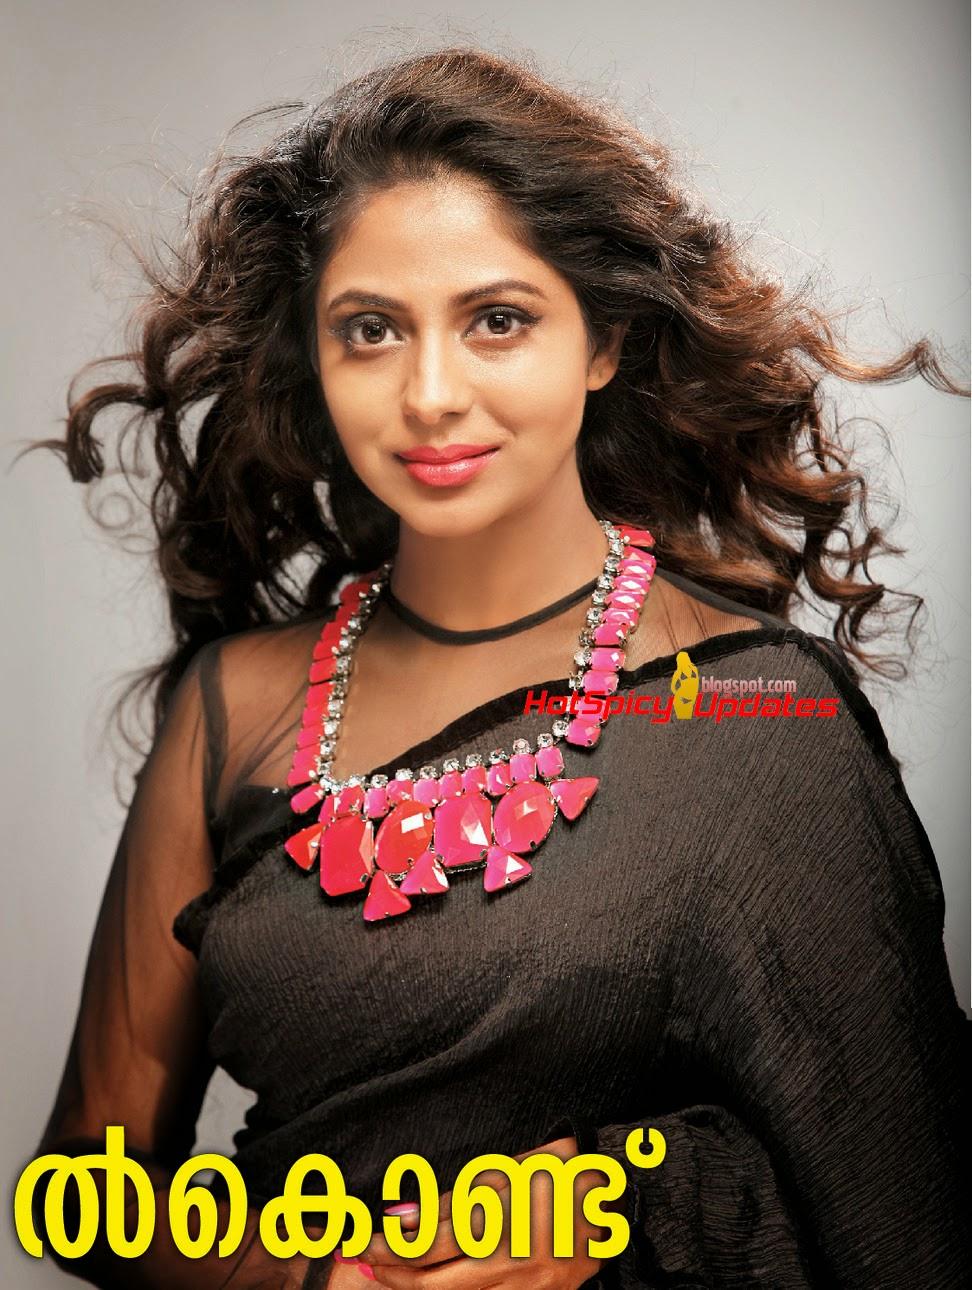 Bangla pornima xxxpic sexual movie